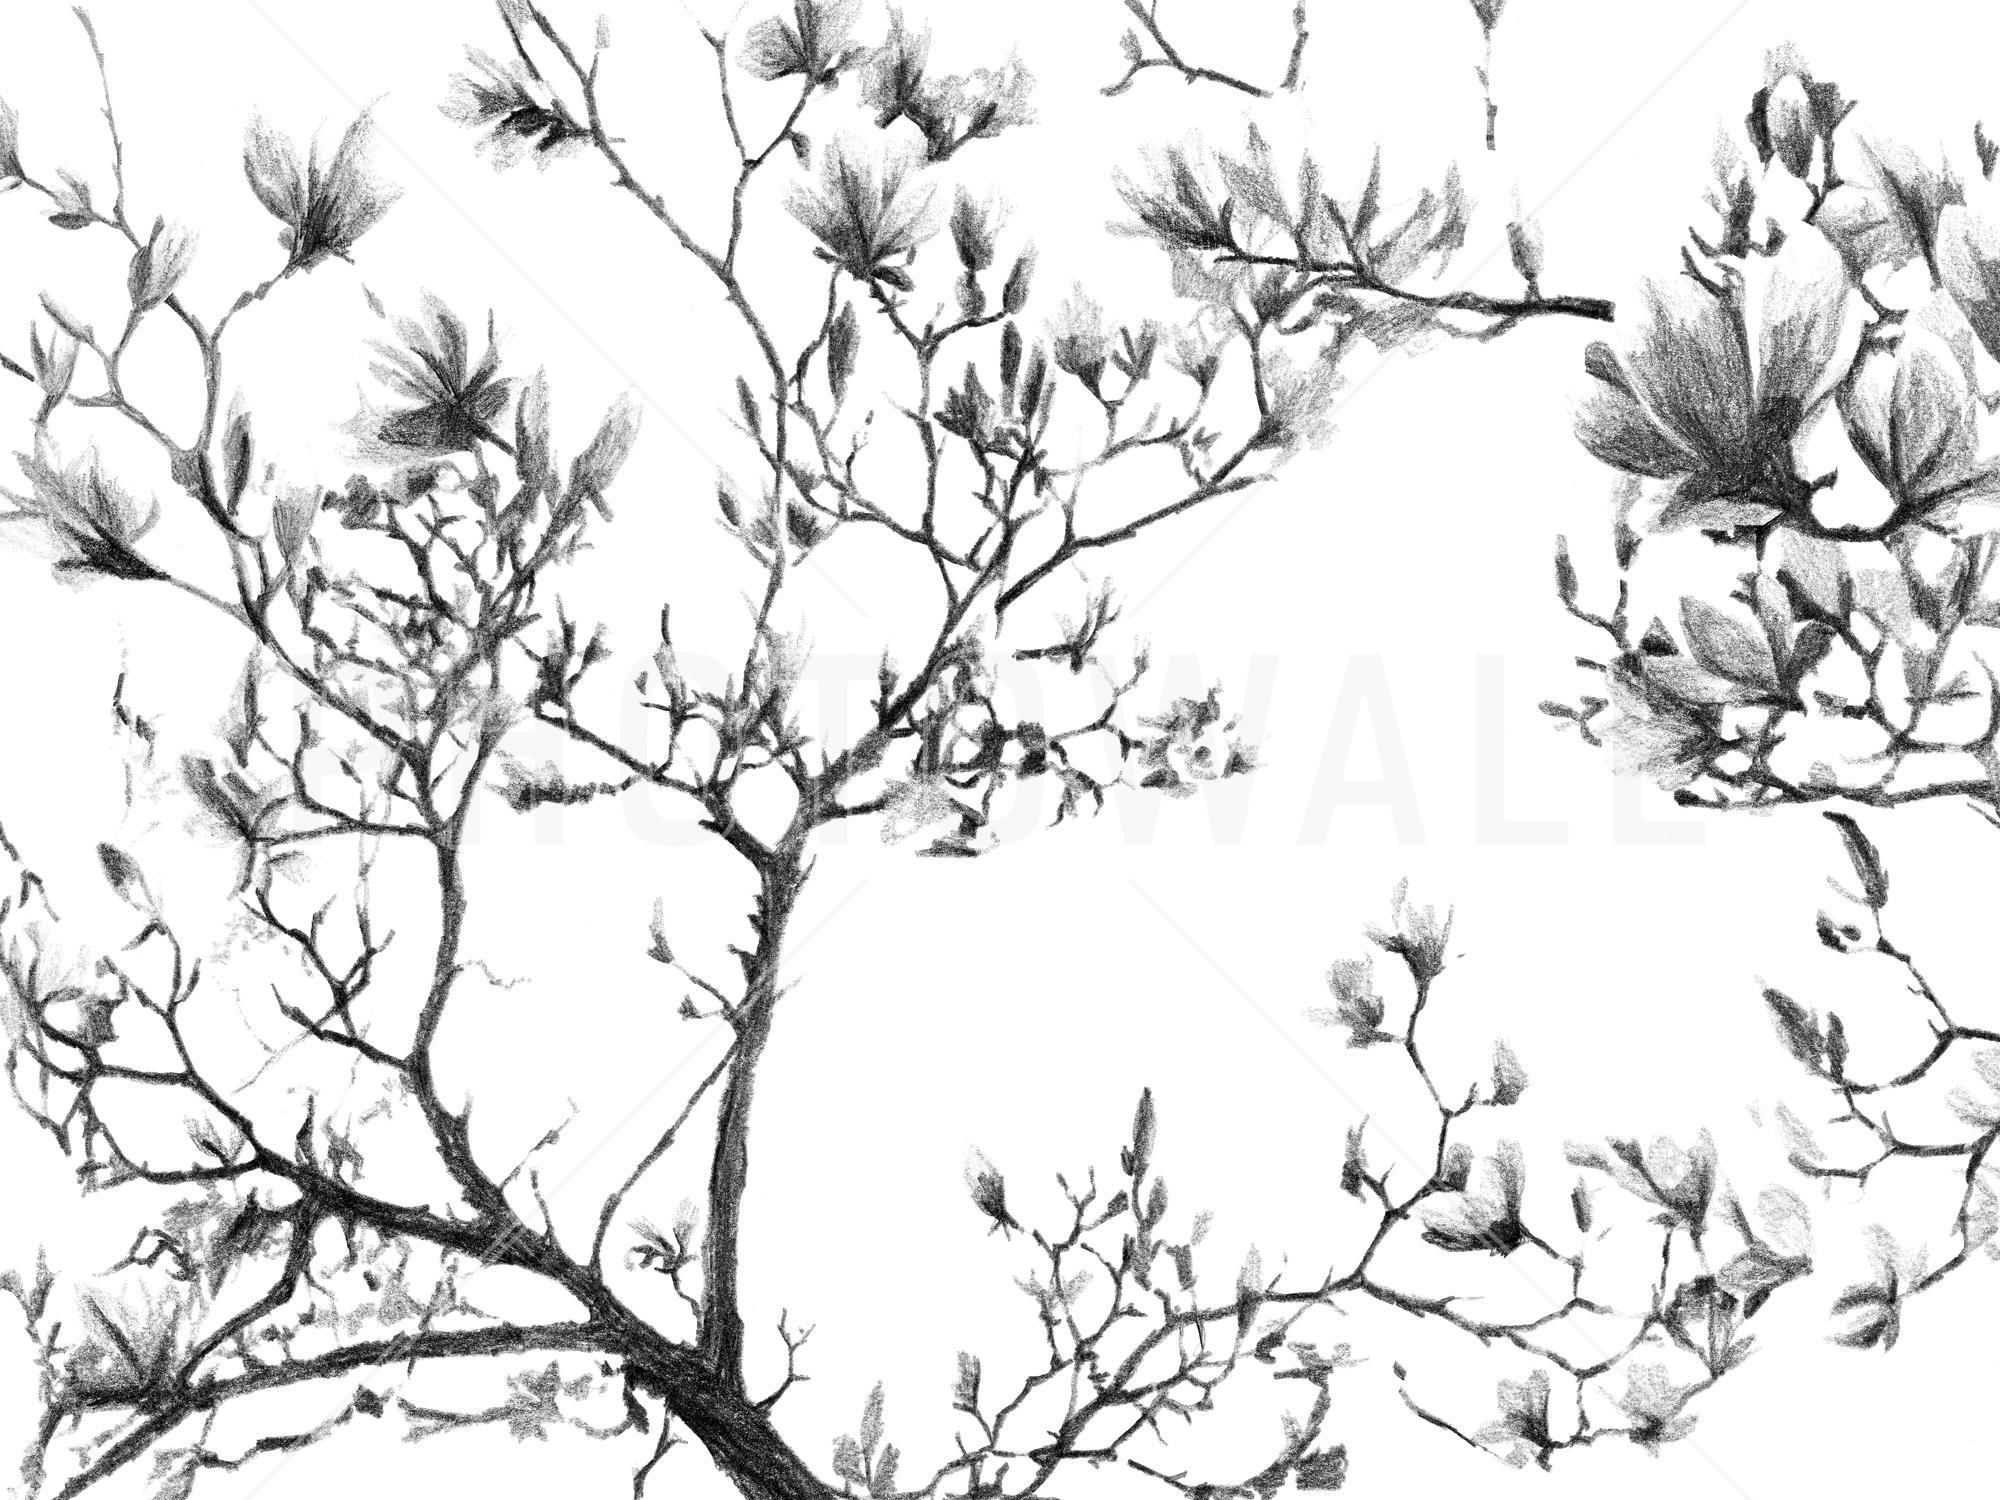 2000x1500 Magnolia Sketch